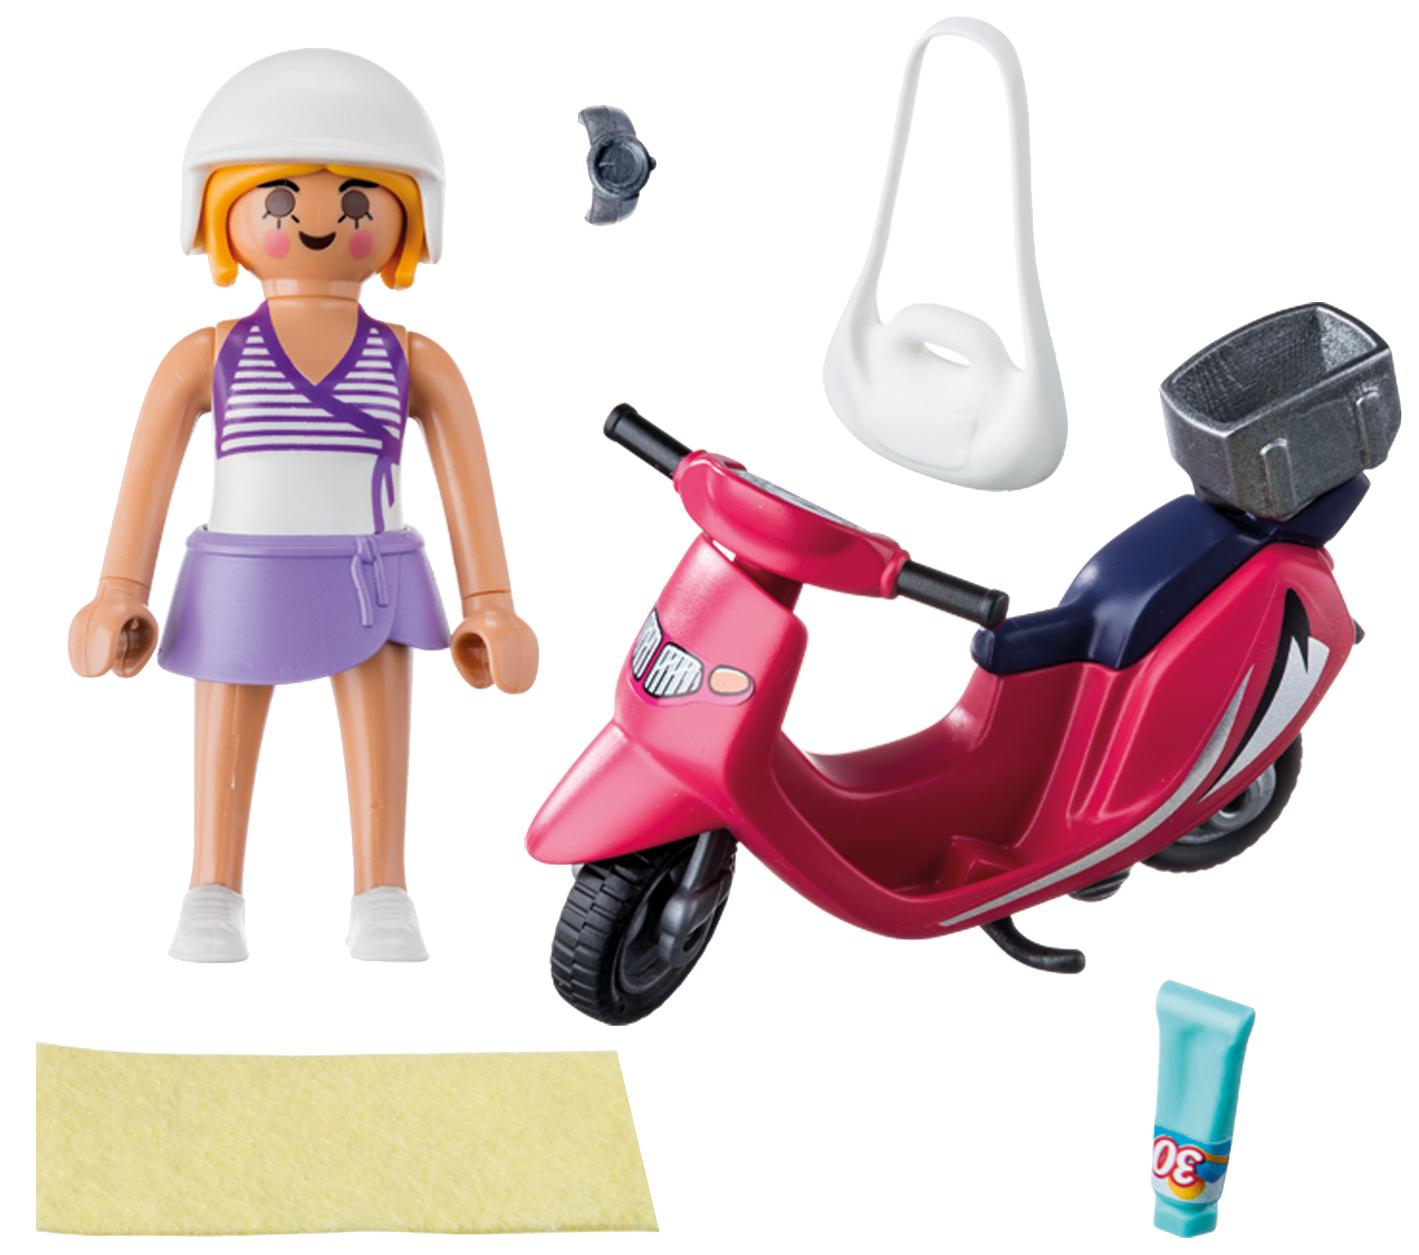 Купить Игровой набор Playmobil Экстра-набор:Посетитель пляжа со скутером, Игровые наборы